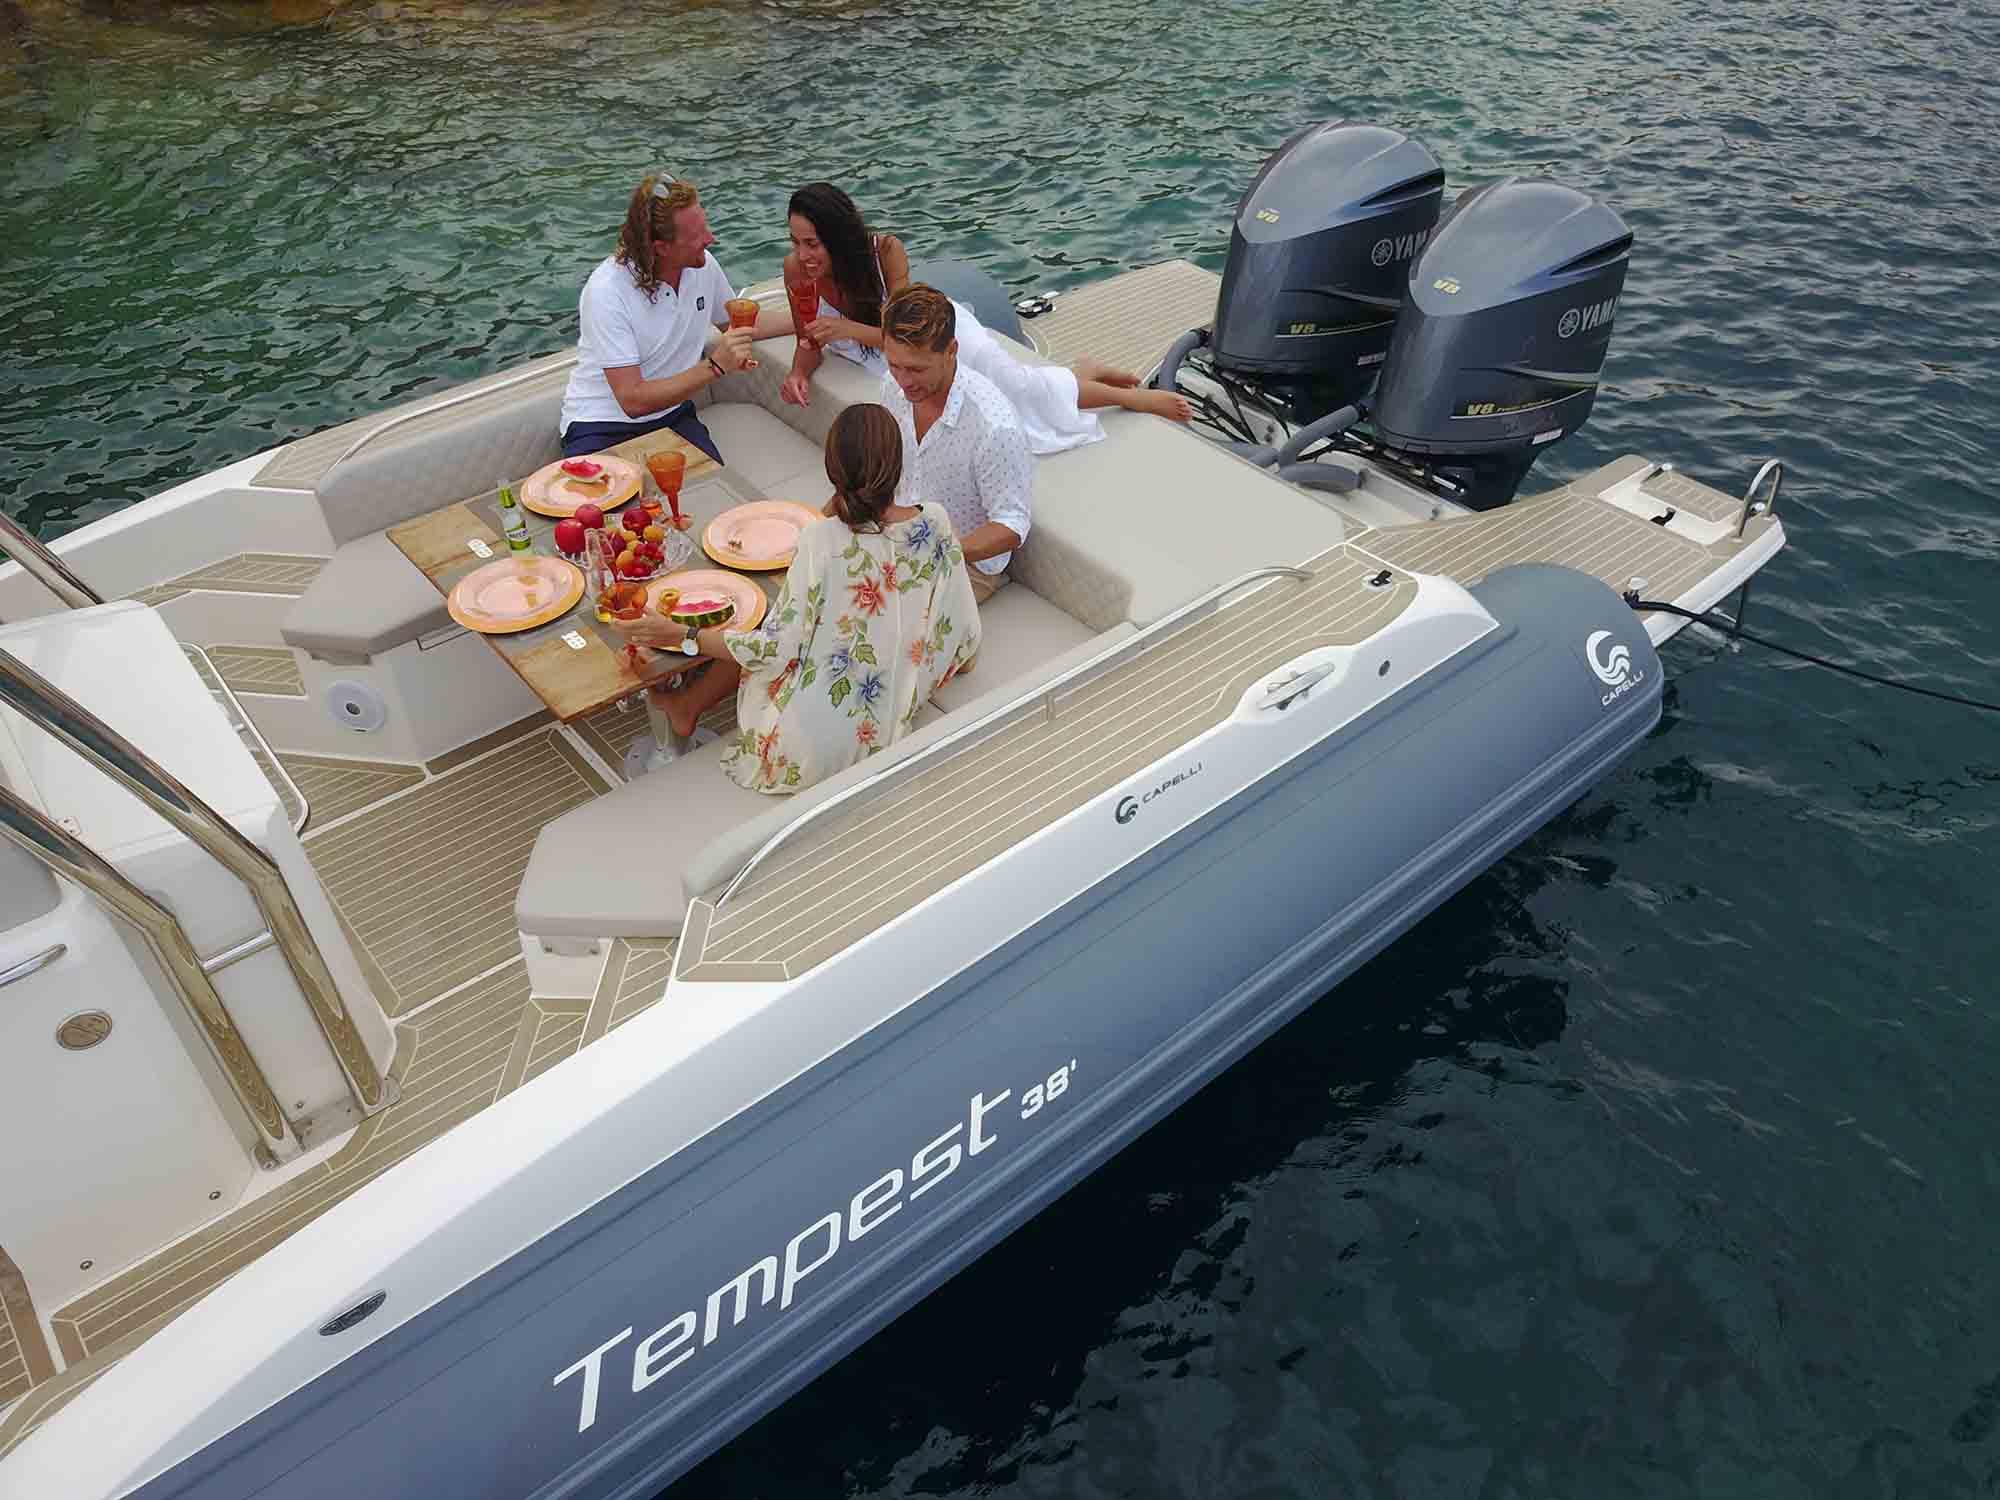 Tavoli Pieghevoli Da Barca.Quattro Accessori Per Il Gommone E La Barca Per Comfort E Divertimento